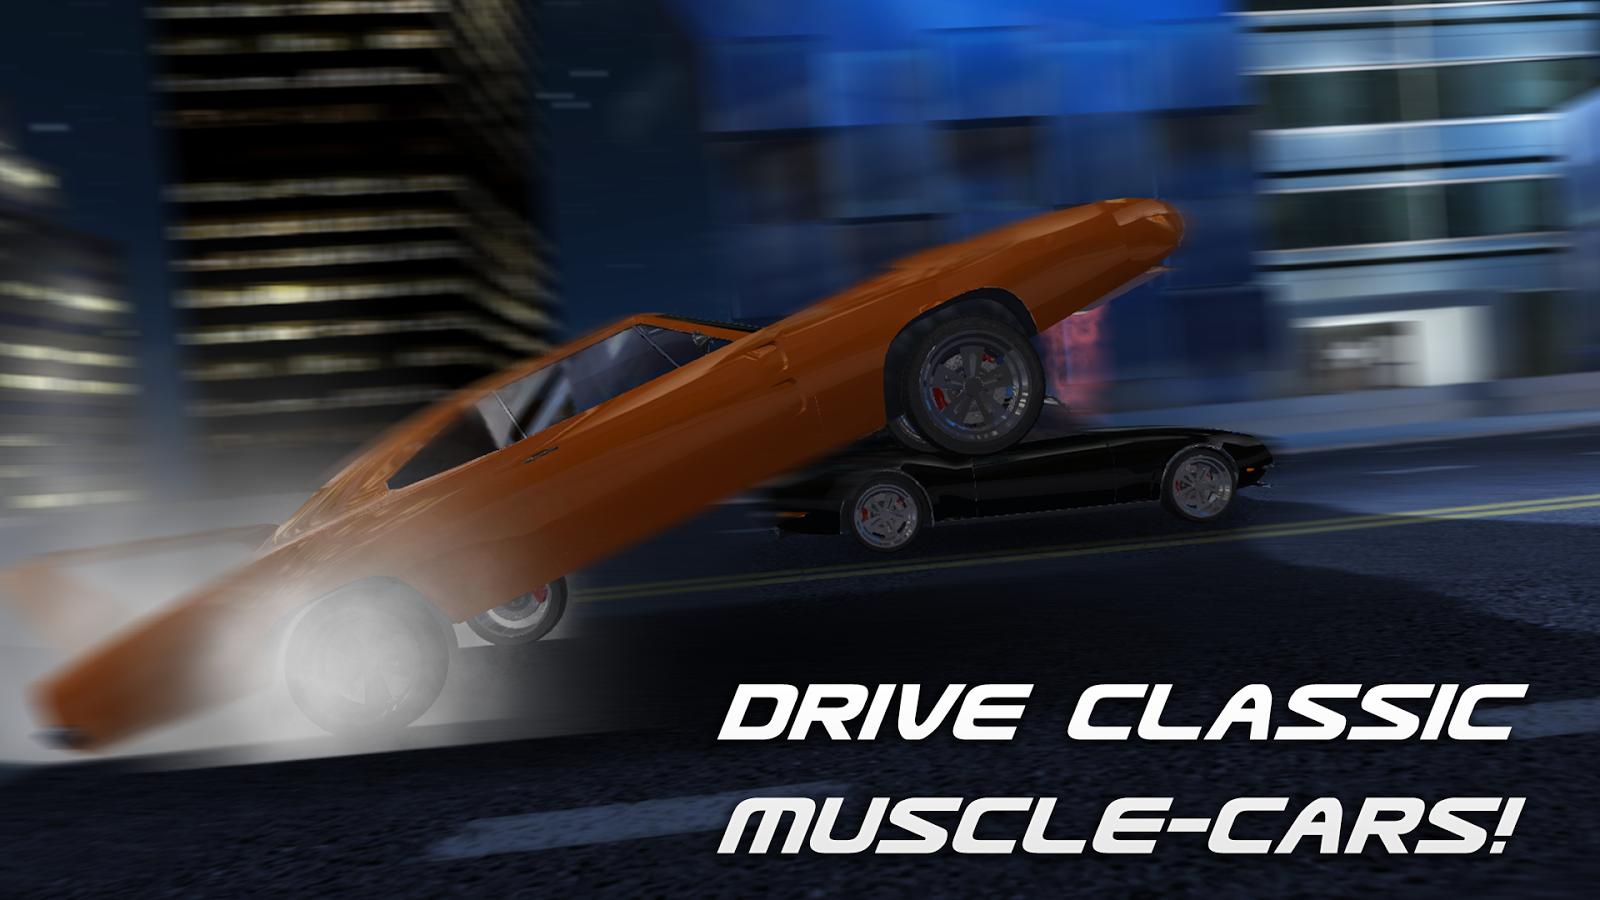 لعبة Drag Racing v1.7.5.1 لجوالات الاندرويد QUxoe_bk-IsUbr0WUx7B